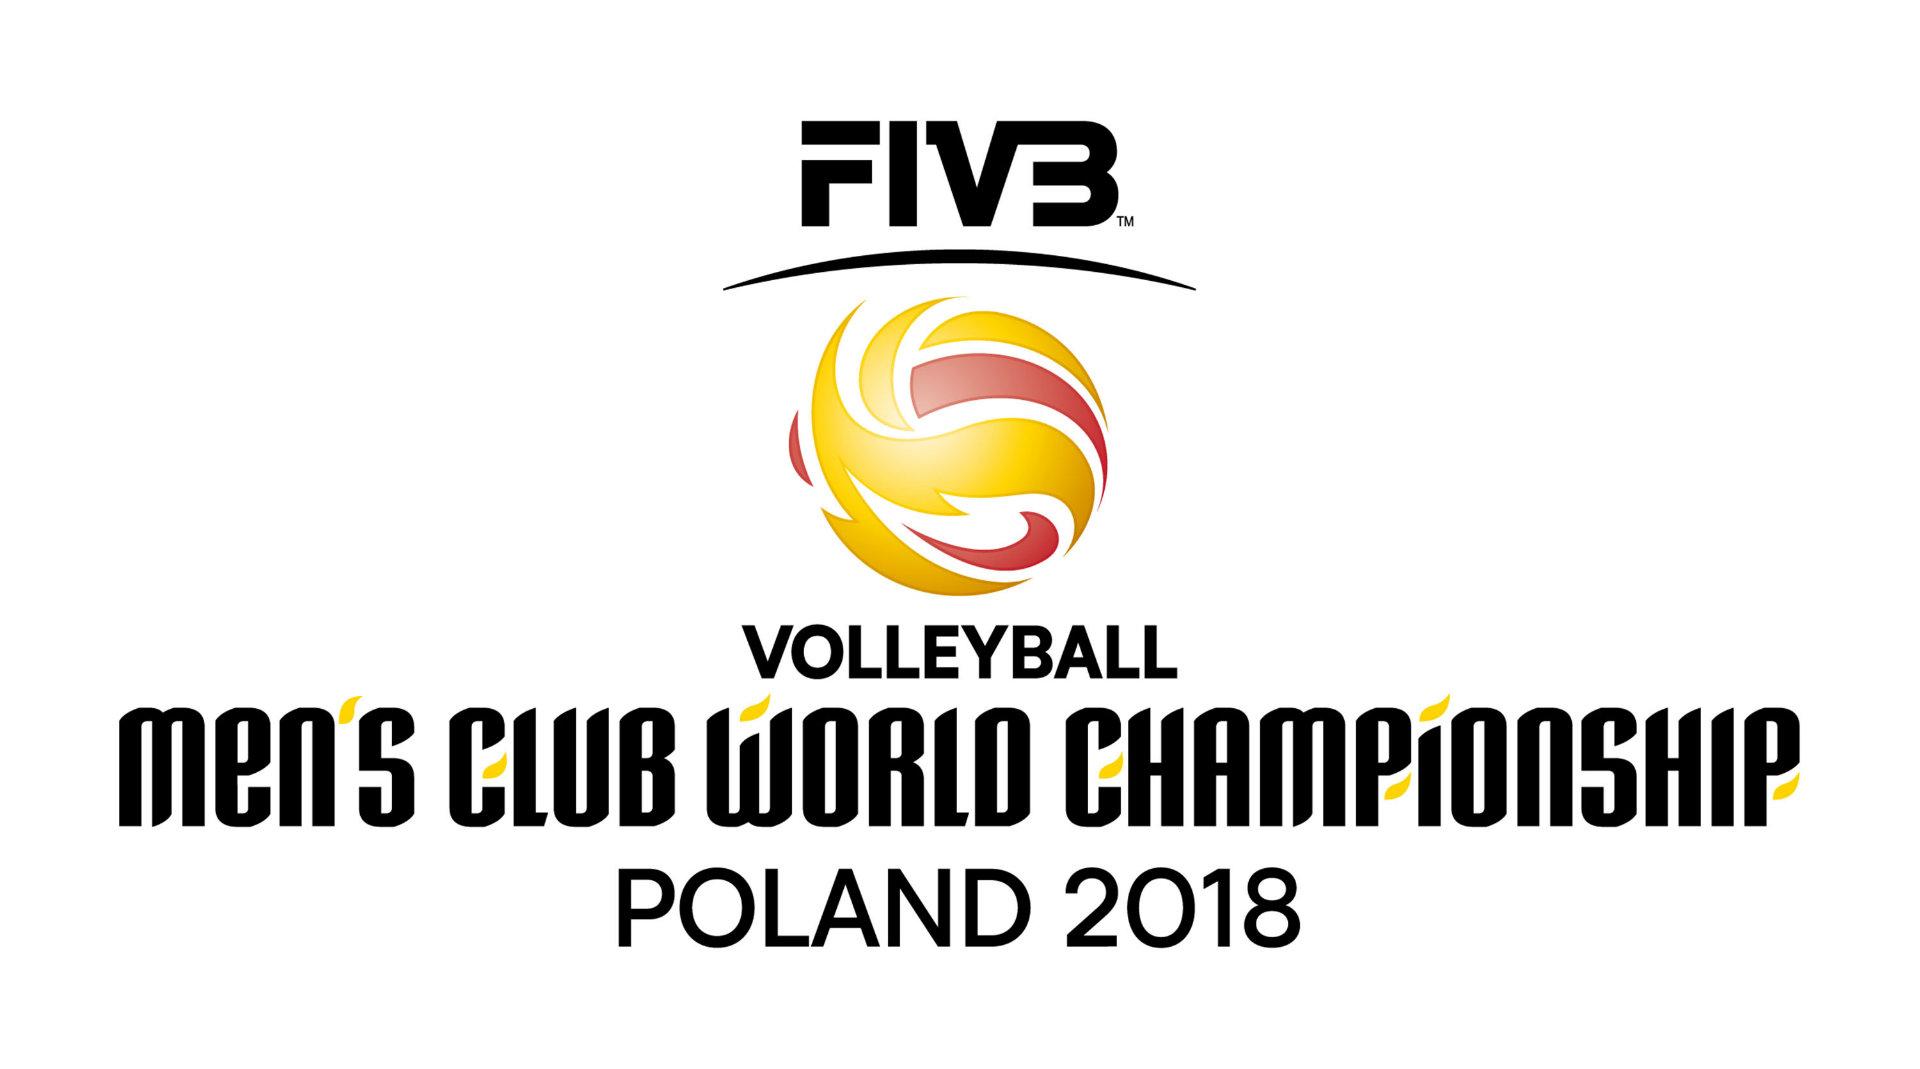 Клубный чемпионат мира по волейболу 2018